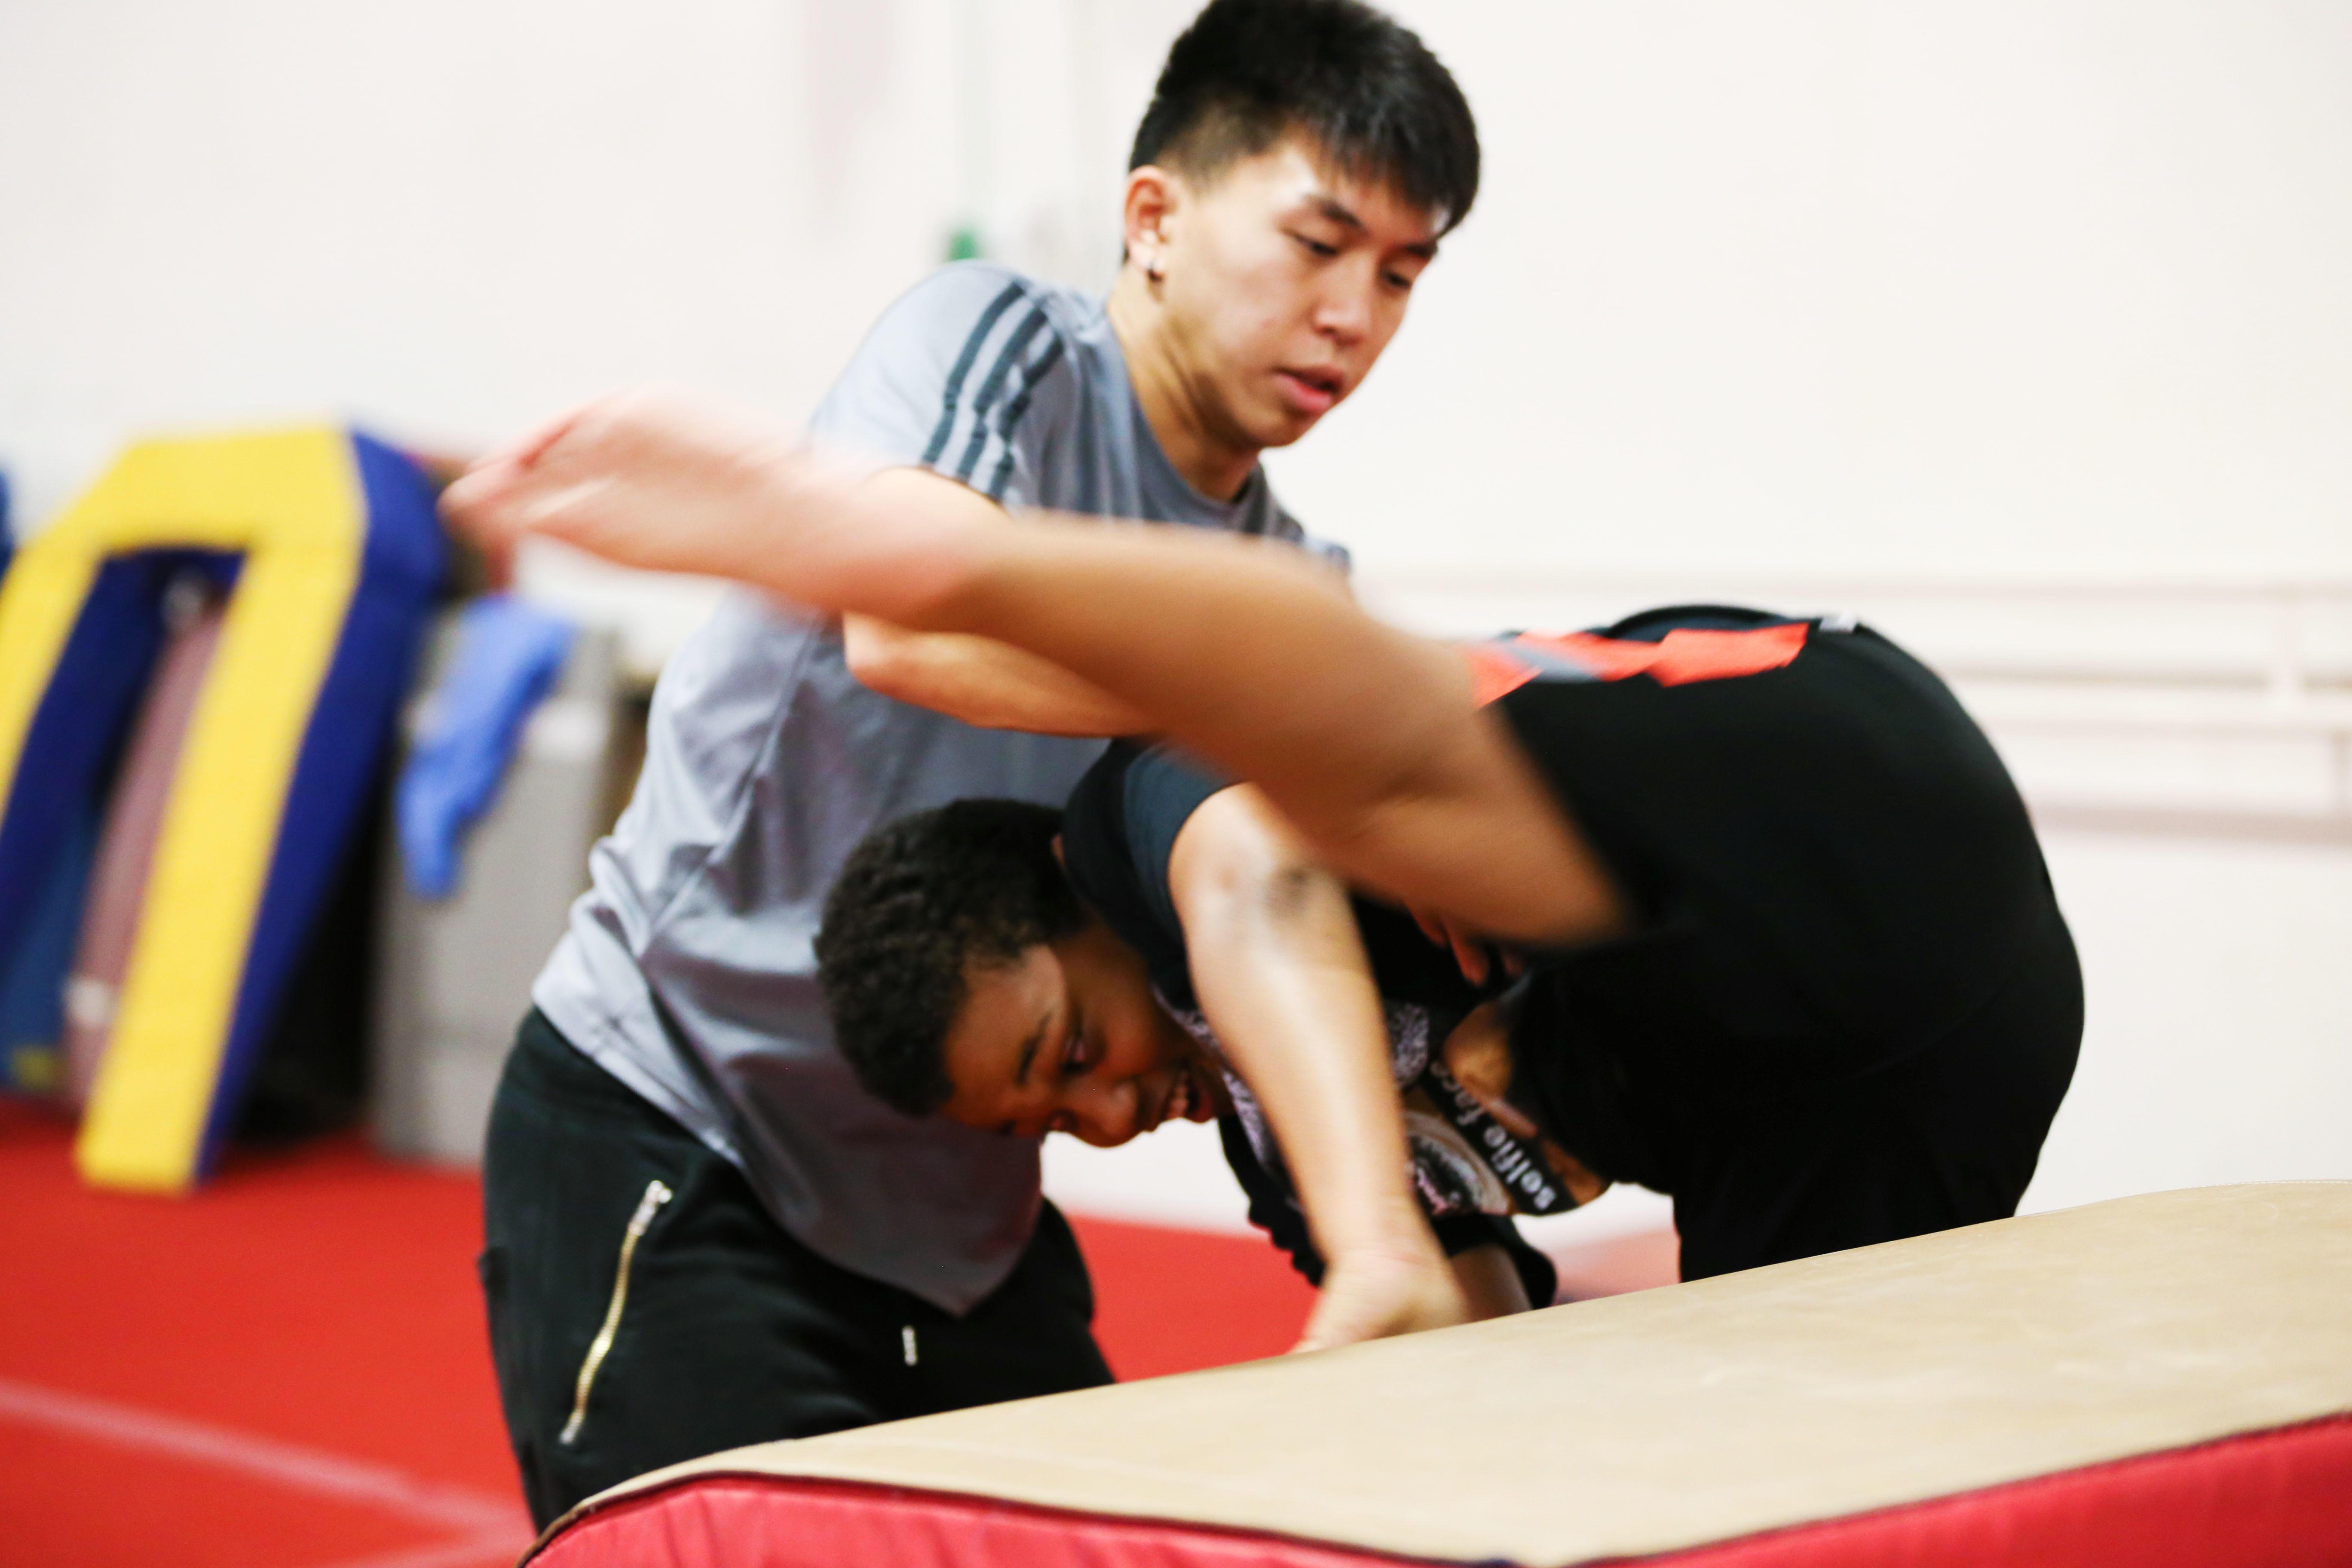 Winner's Academy of Gymnastics image 5